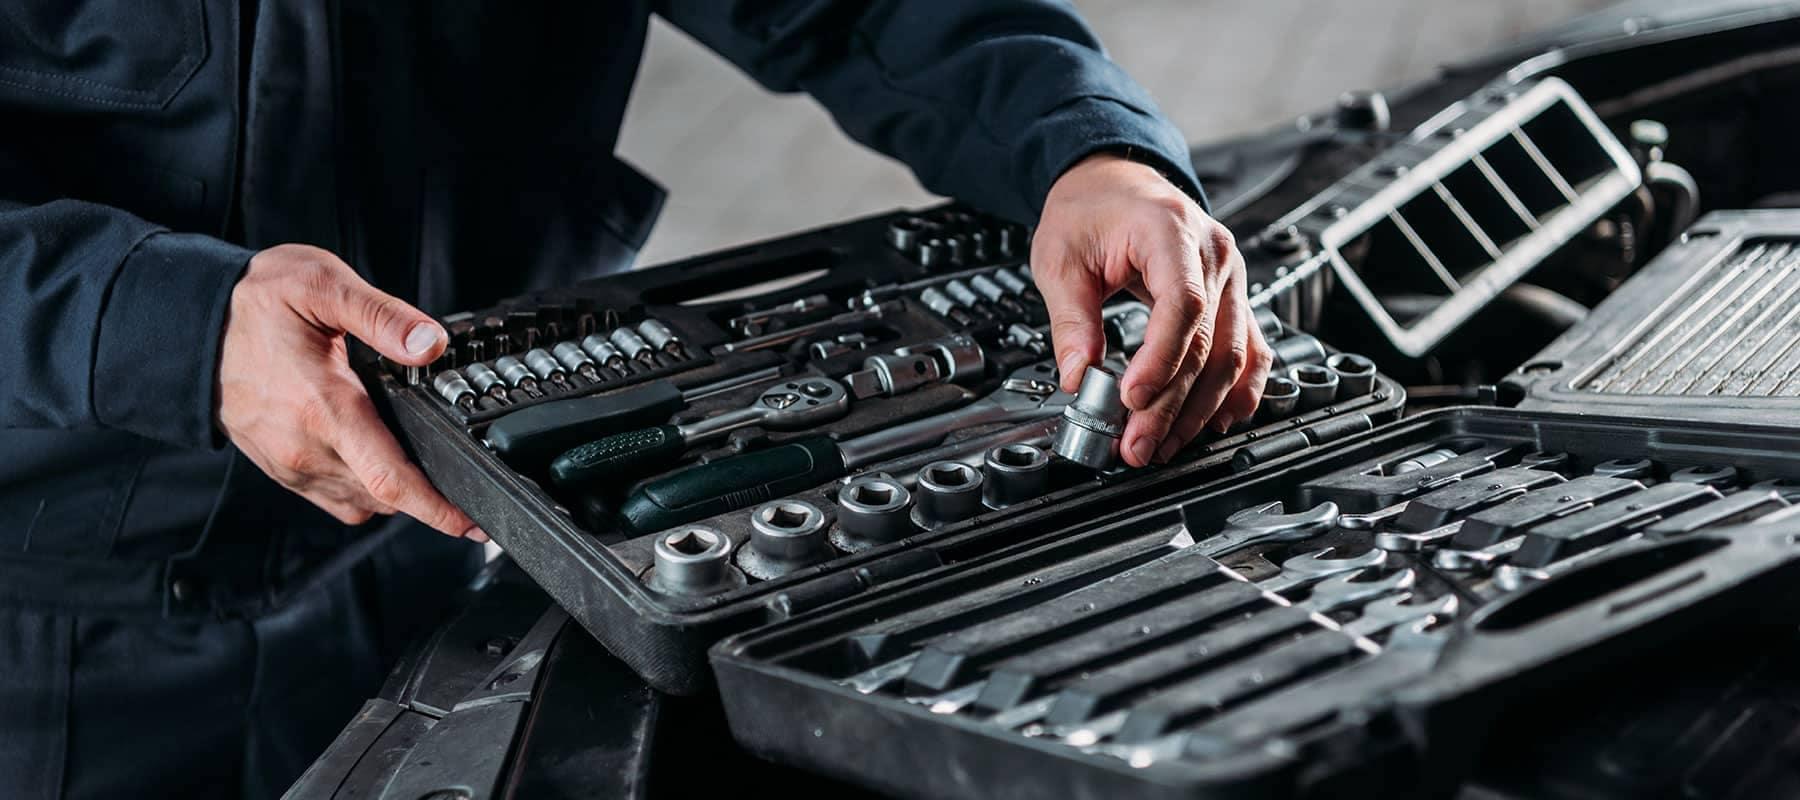 Mechanic Looking at Car Tools